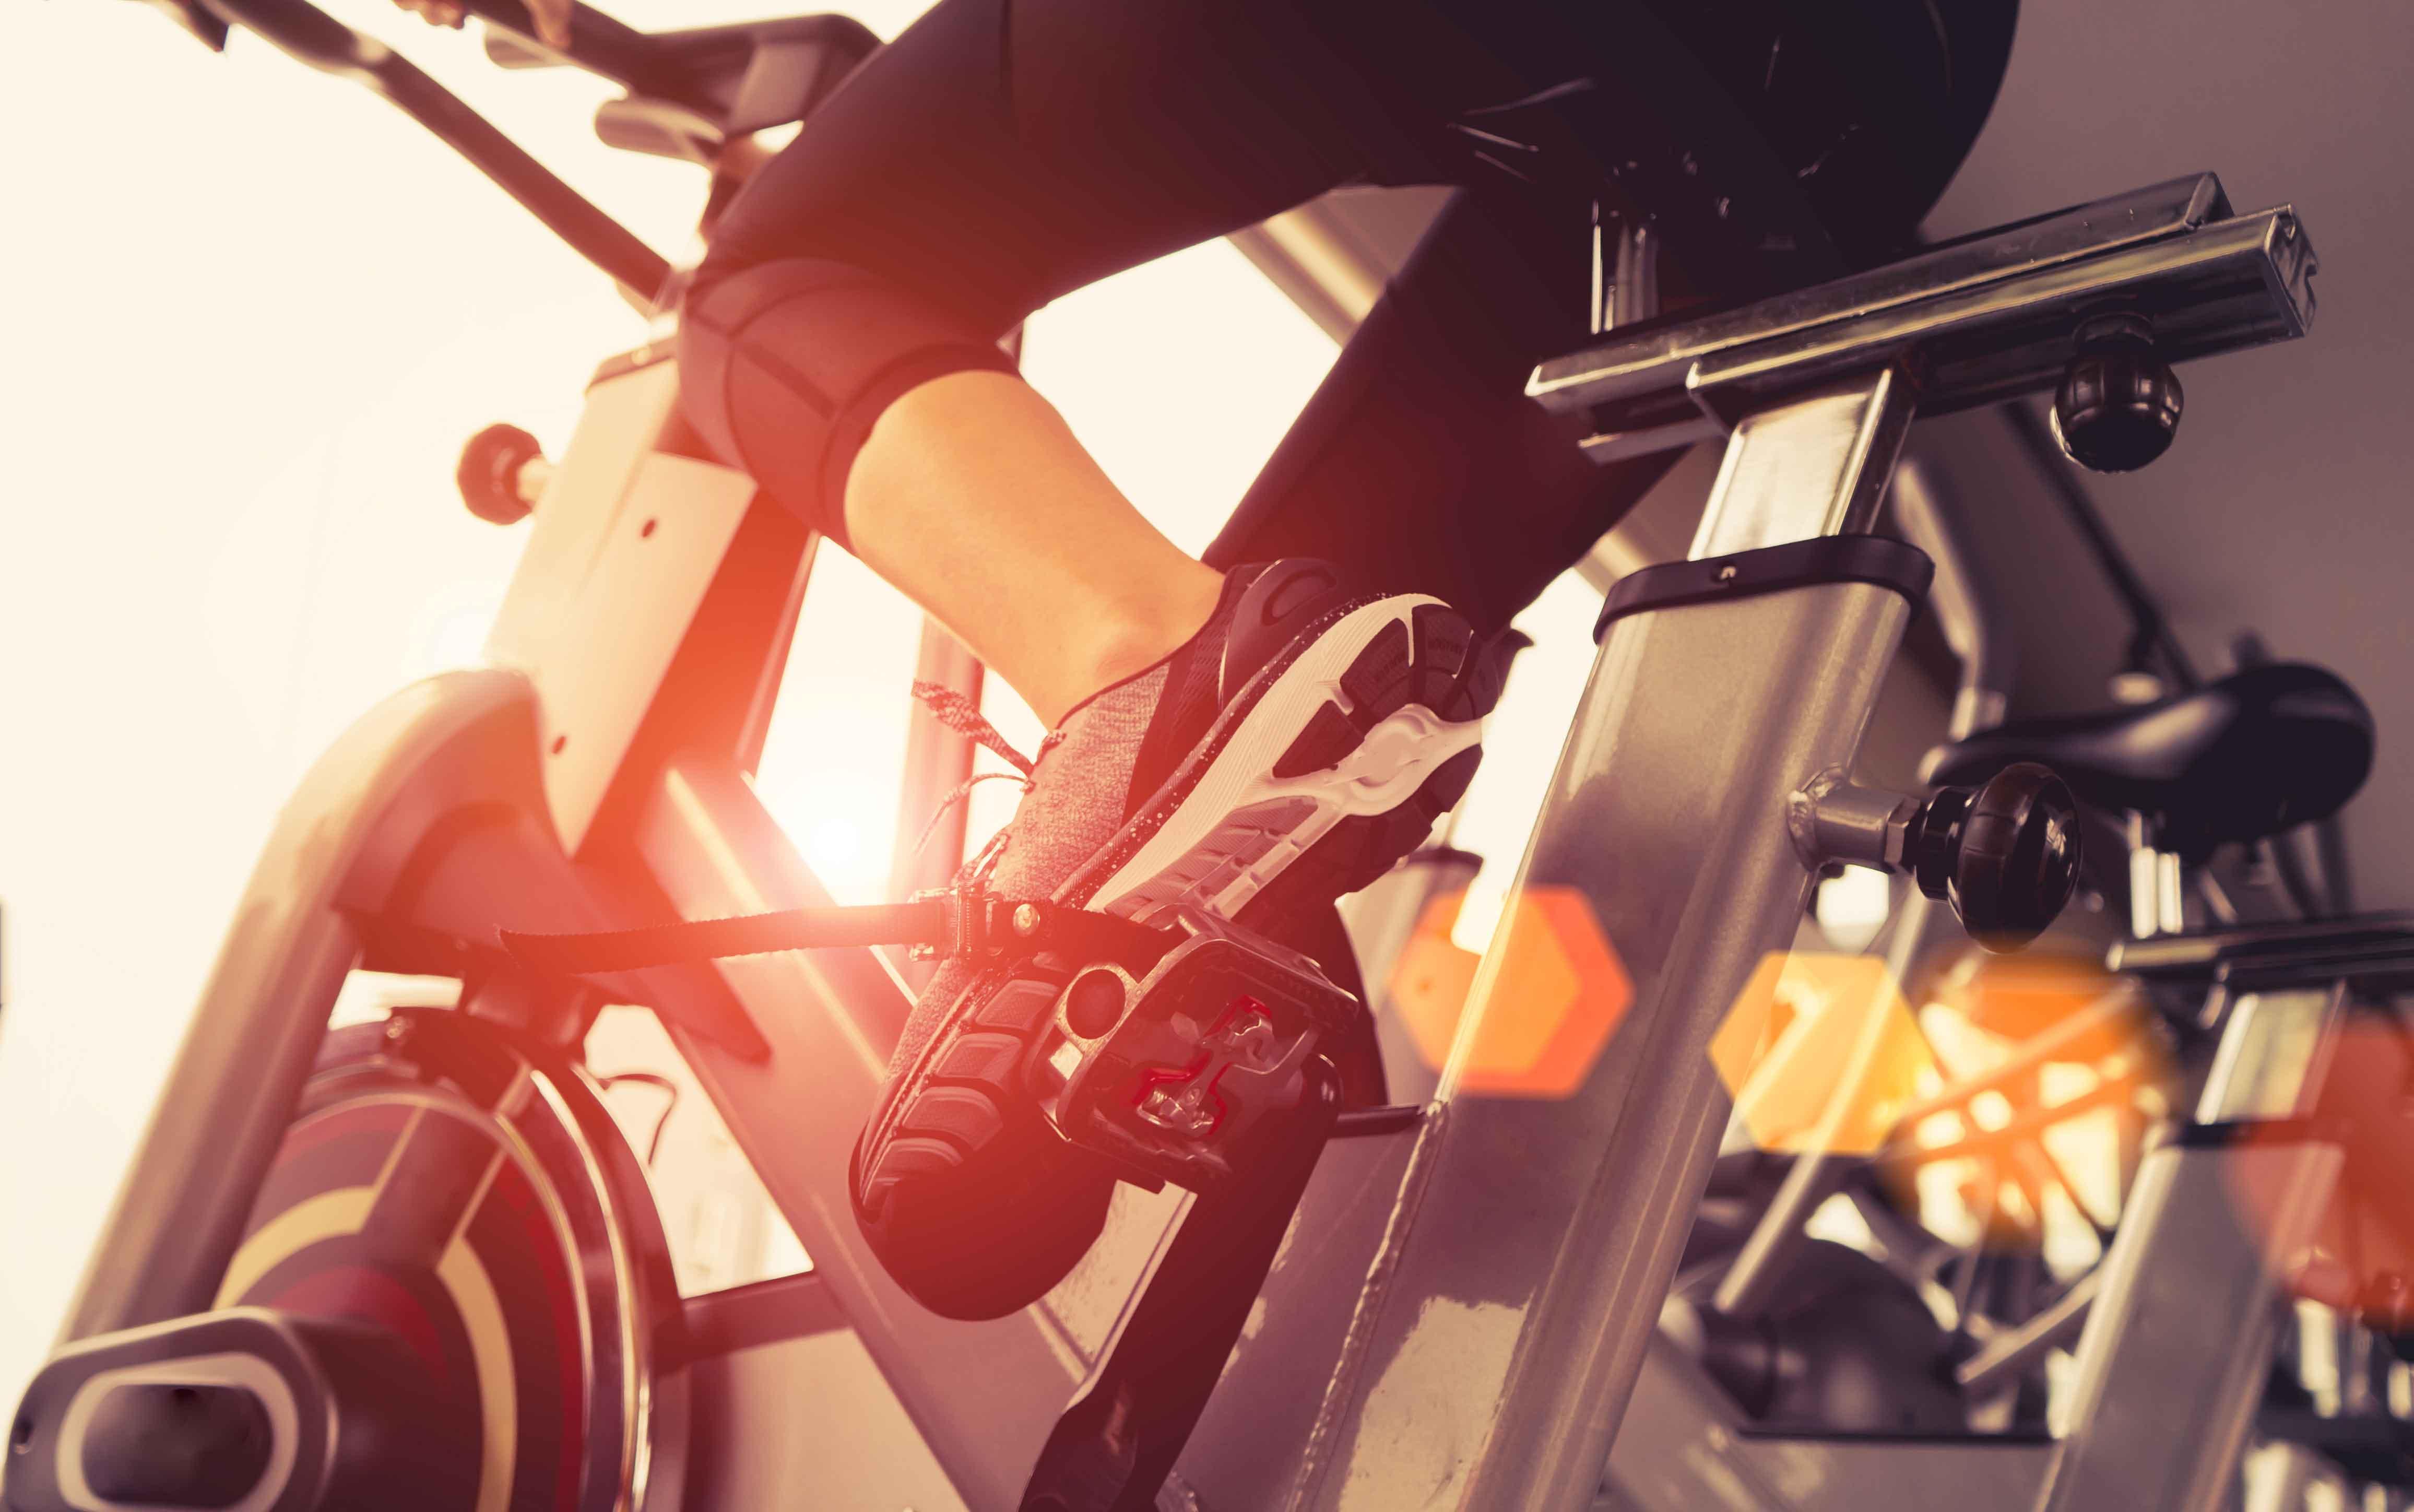 Beneficios para la salud del ejercicio físico y los chequeos médicos